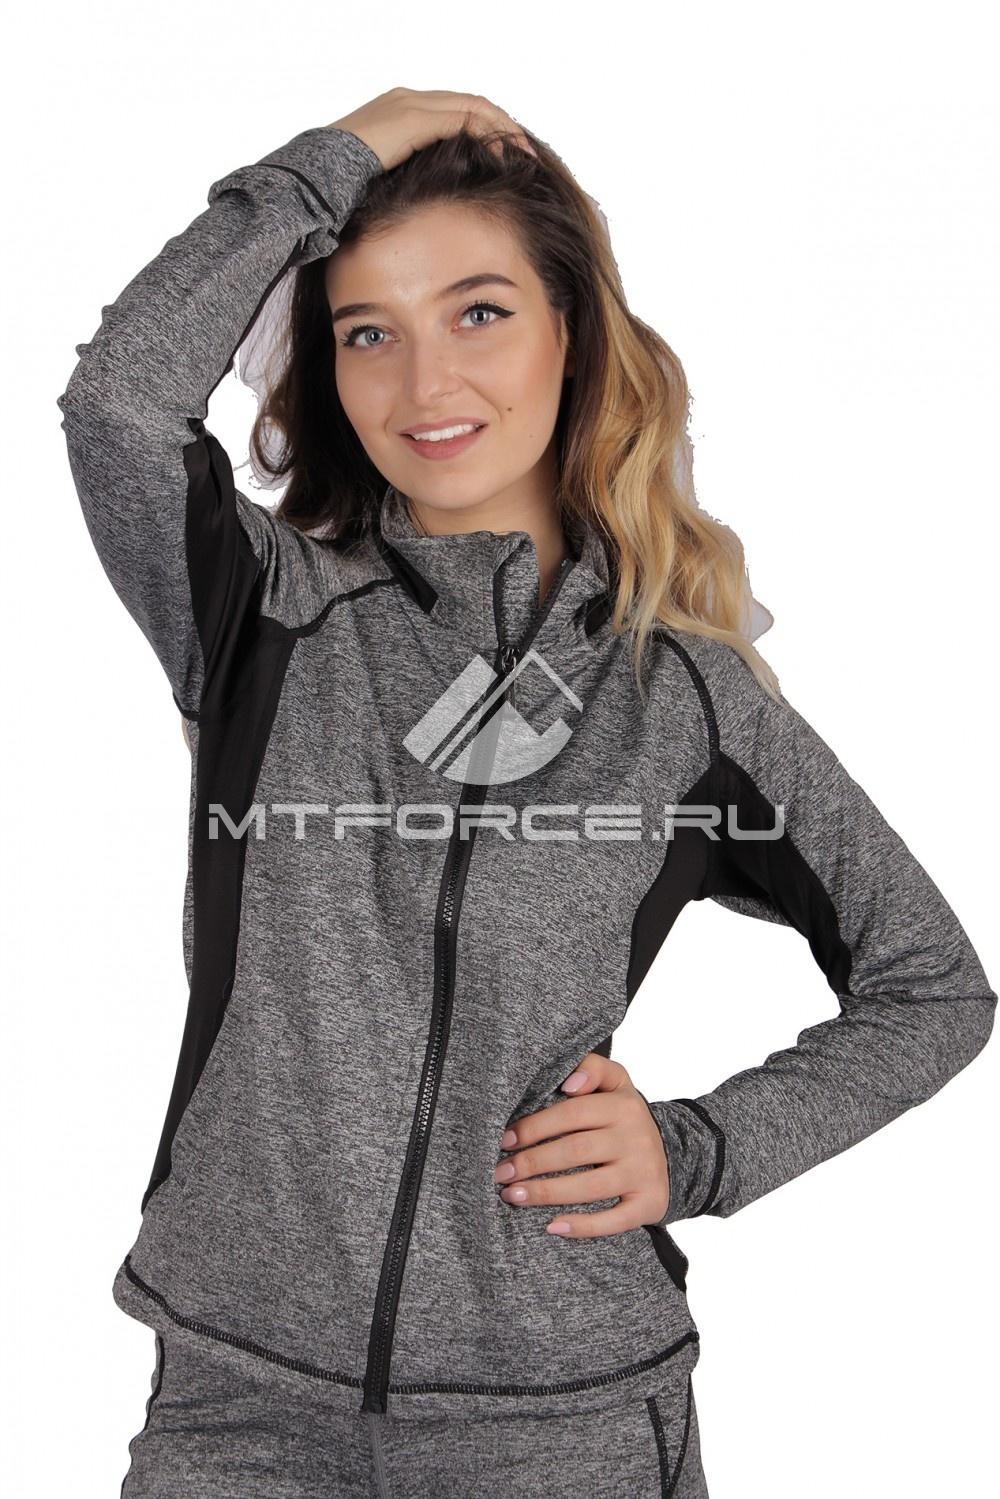 Купить                                  оптом Олимпийка женская спортивная темно-серого цвета 1021ТС в Новосибирске